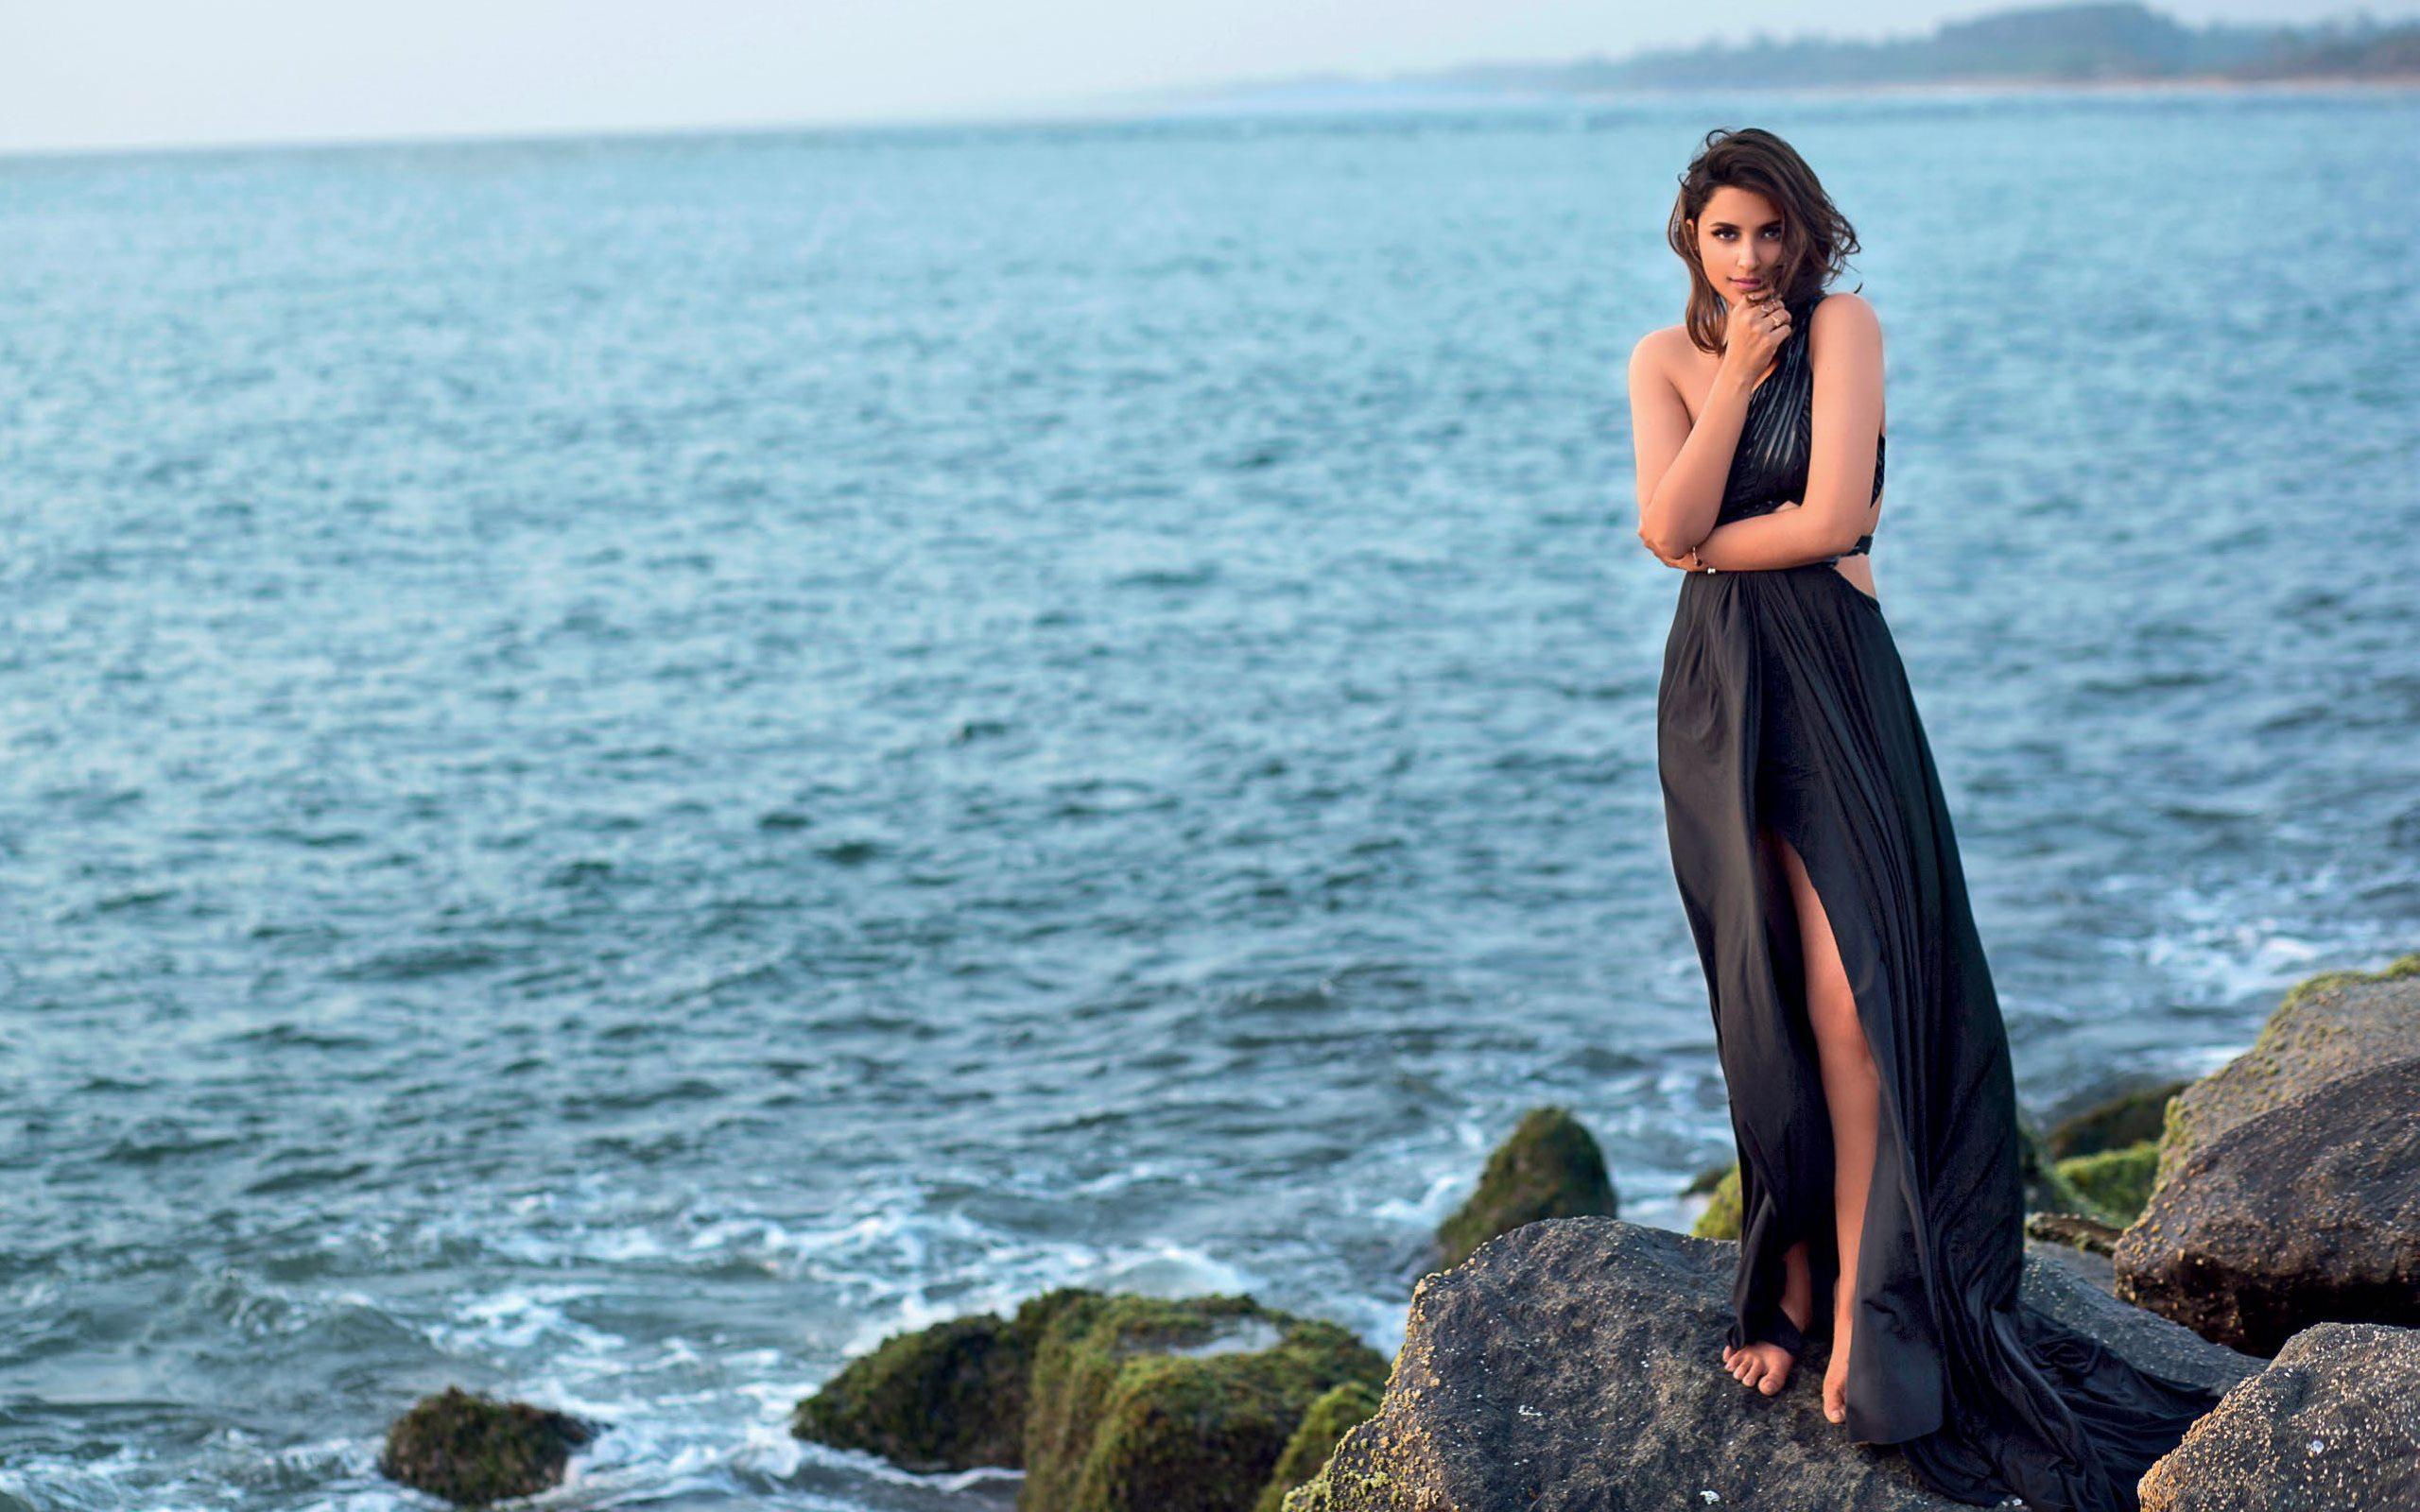 счастьем позы фоток в сарафане у моря такие вот